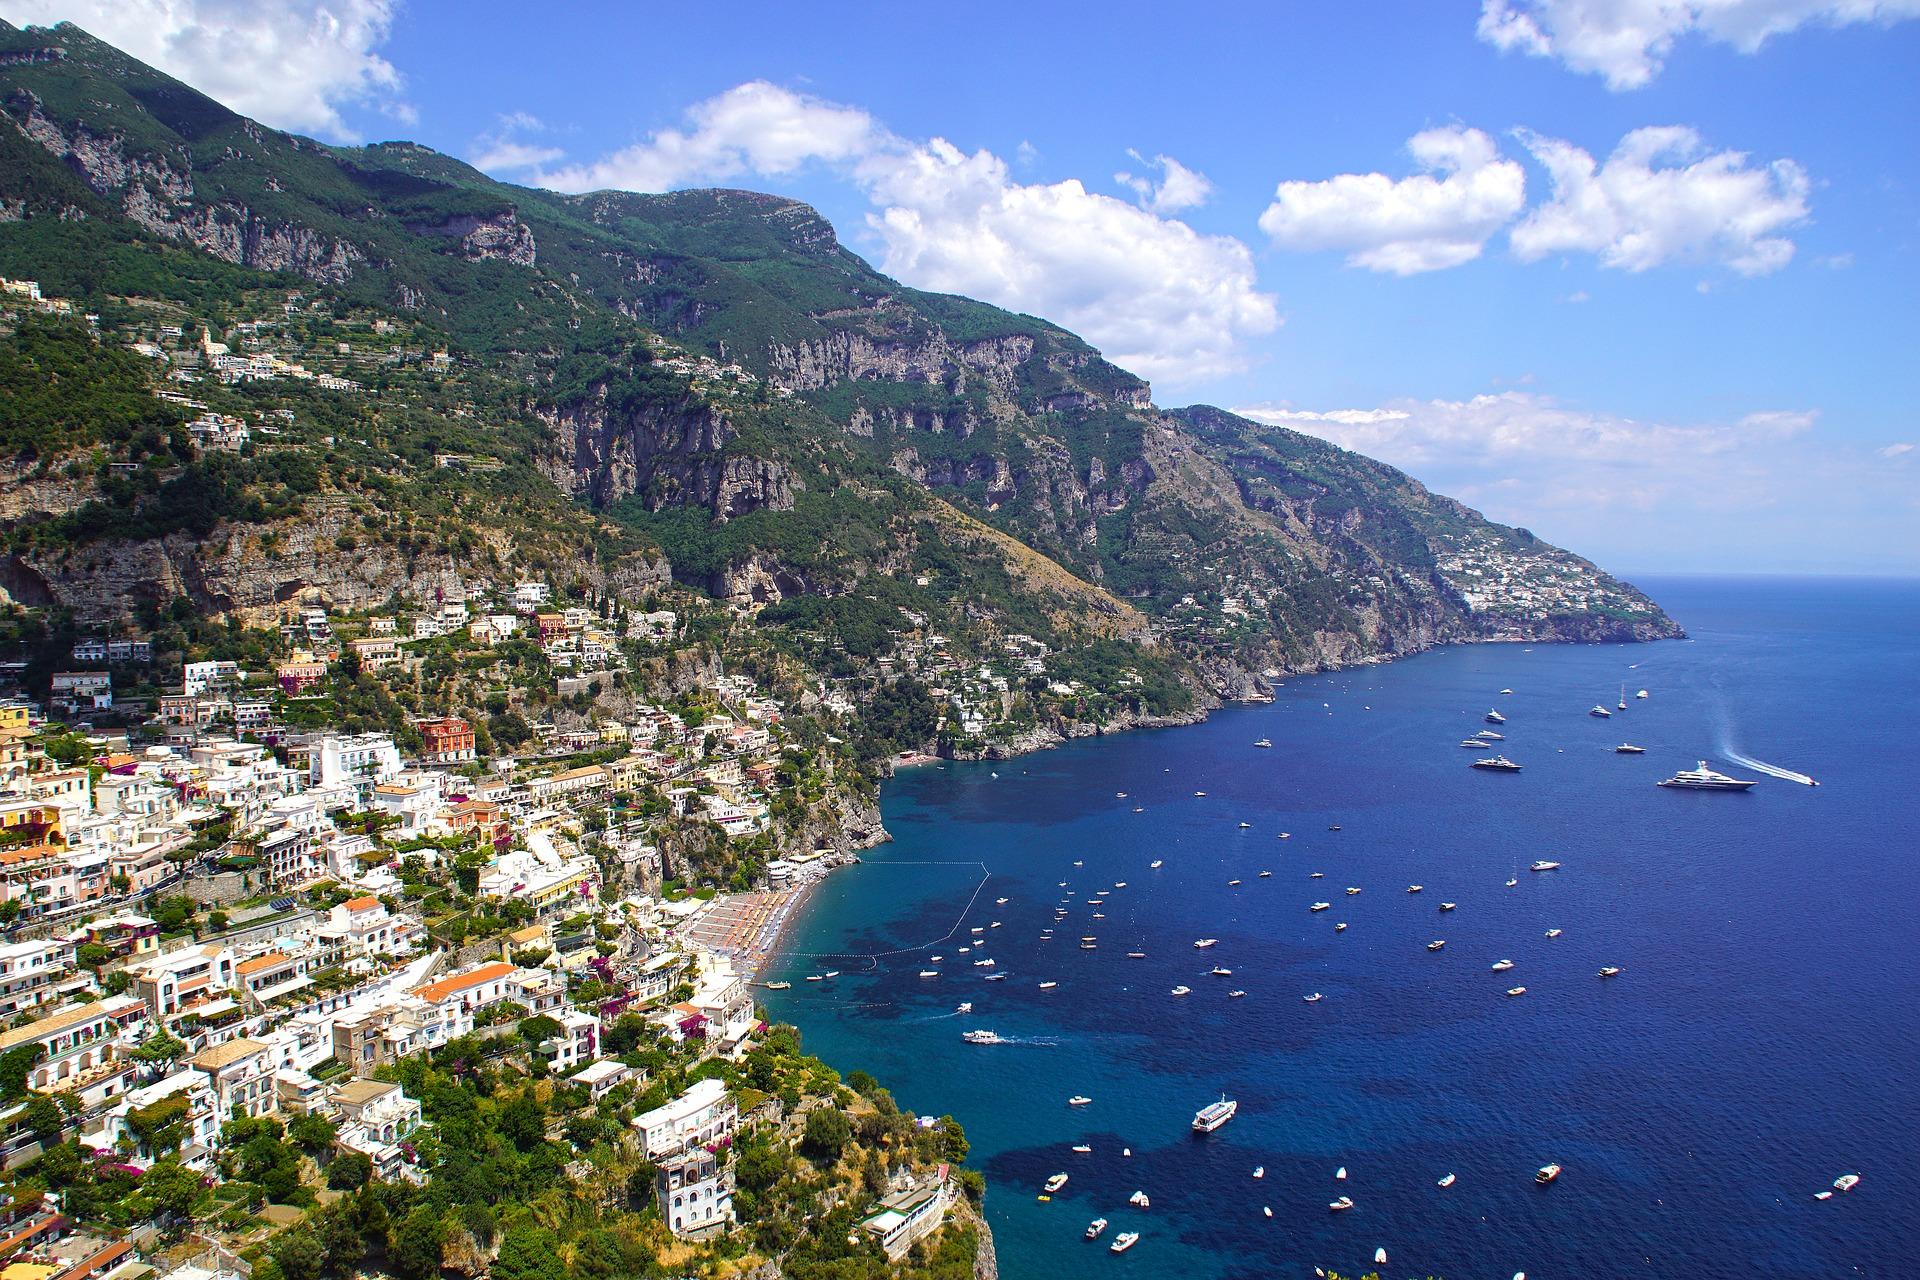 Adotta una spiaggia – Campania